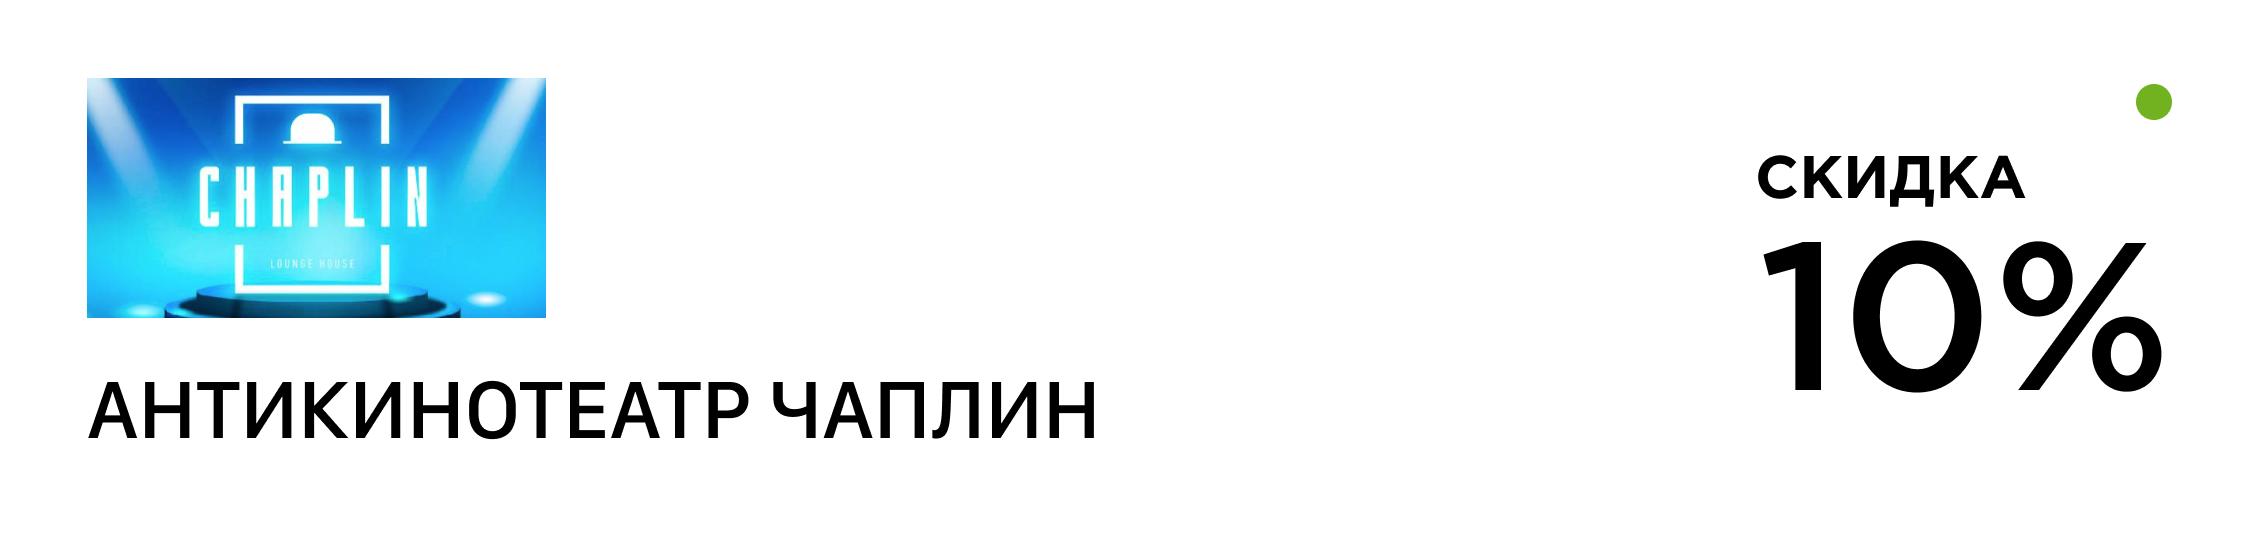 Антикинотеатр Чаплин